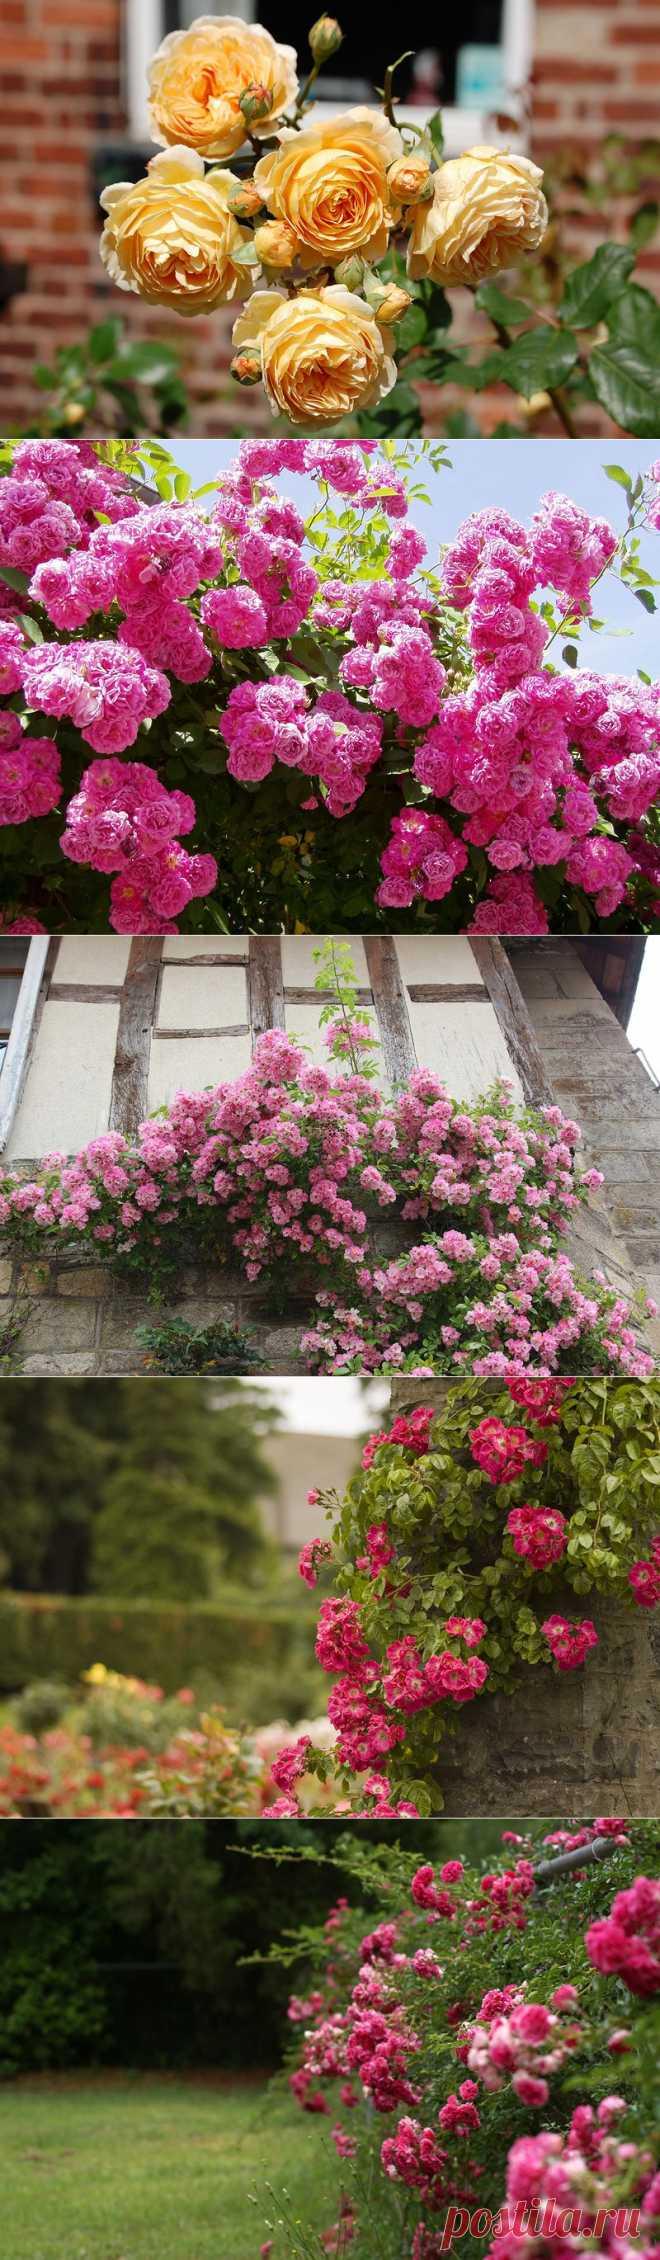 Вся роскошь вьющихся роз на службе красоты и уюта. LiveInternet.